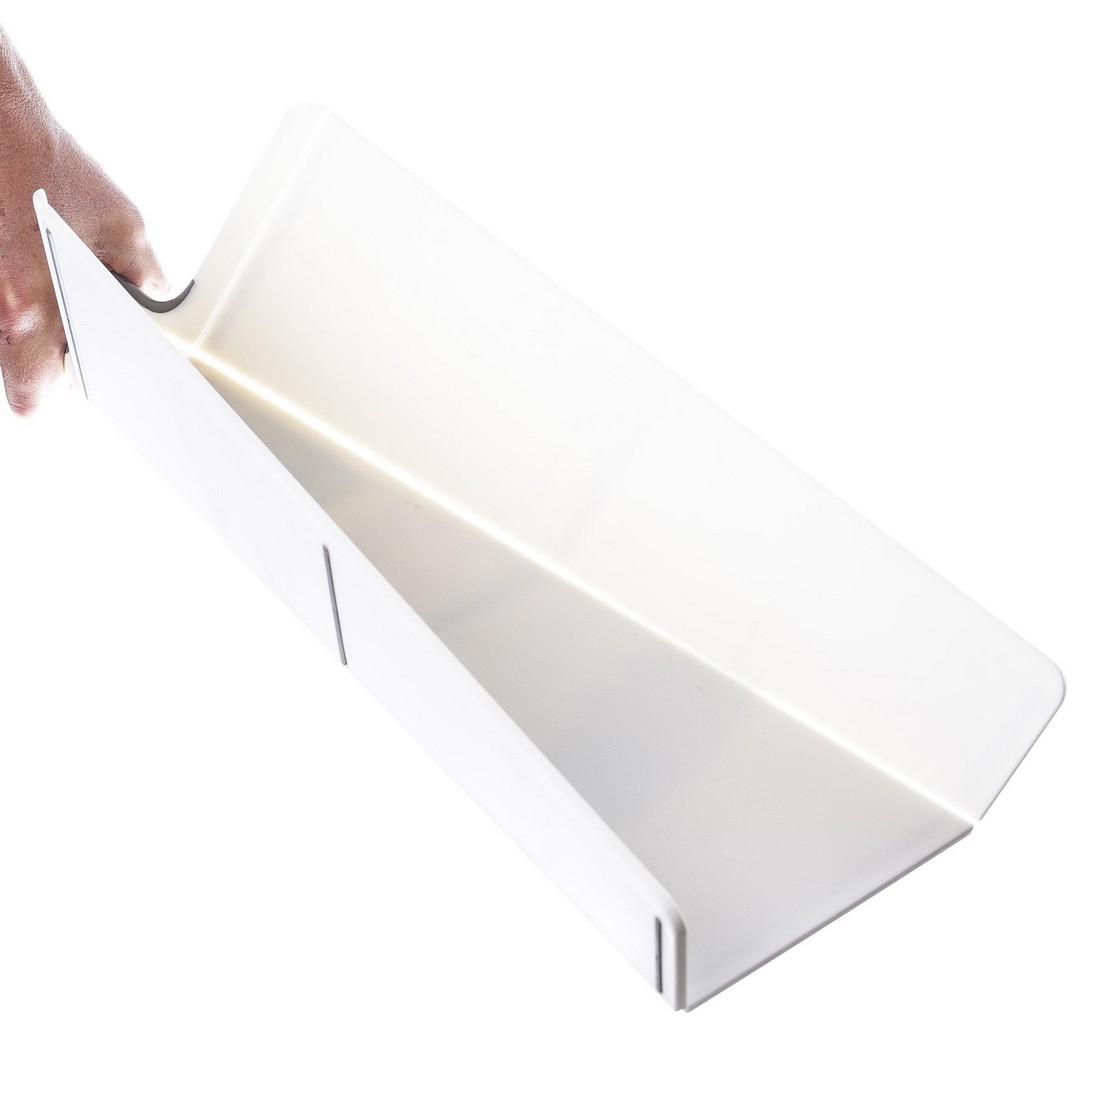 SchneidebrettChop2Pot Plus – Kunststoff – Weiß – 1 x 27 x 48 cm, JOSEPH JOSEPH günstig